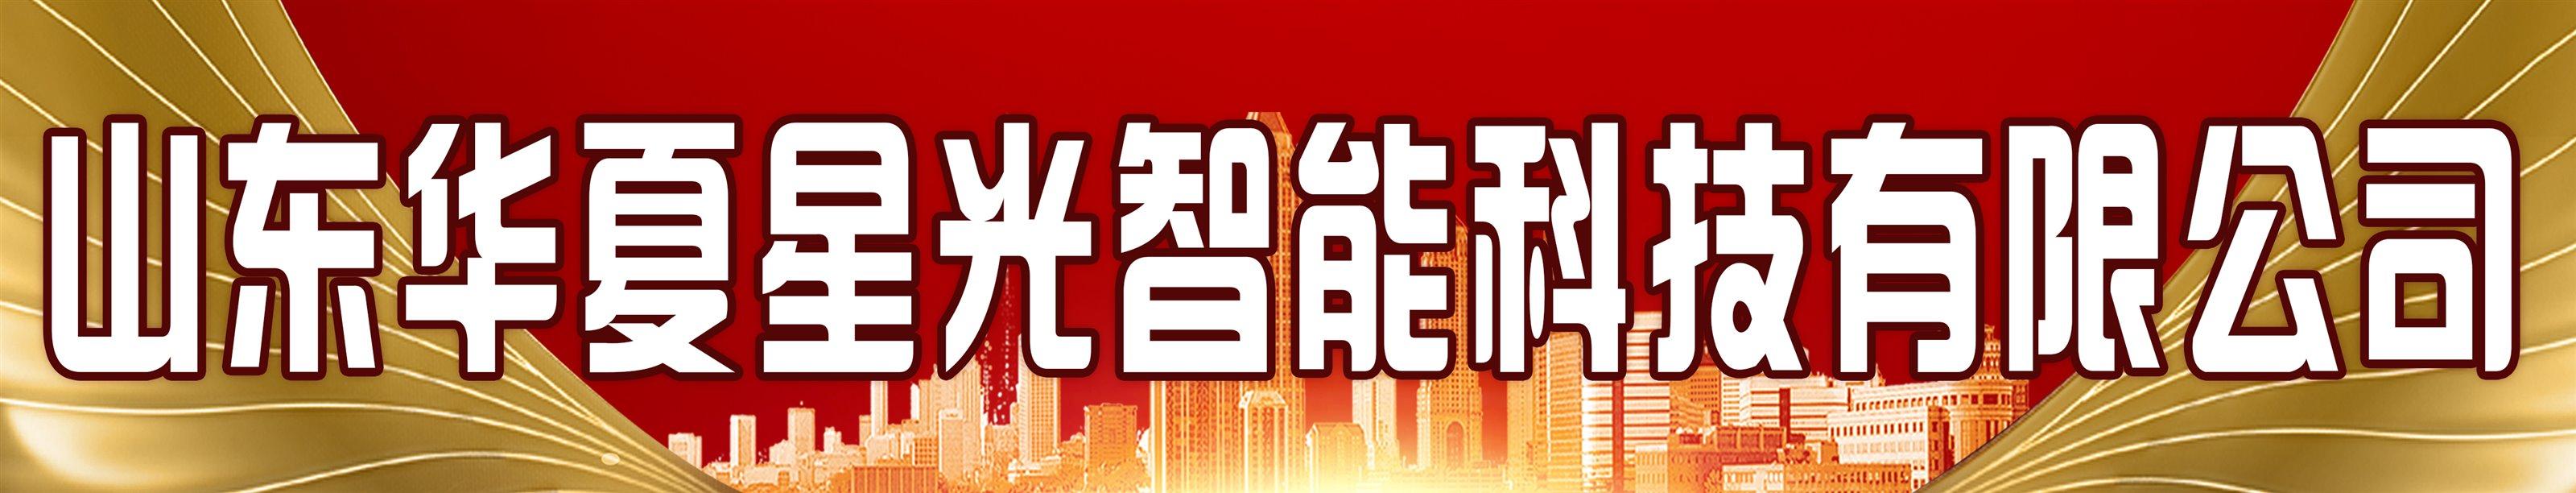 山东华夏星光智能科技有限公司